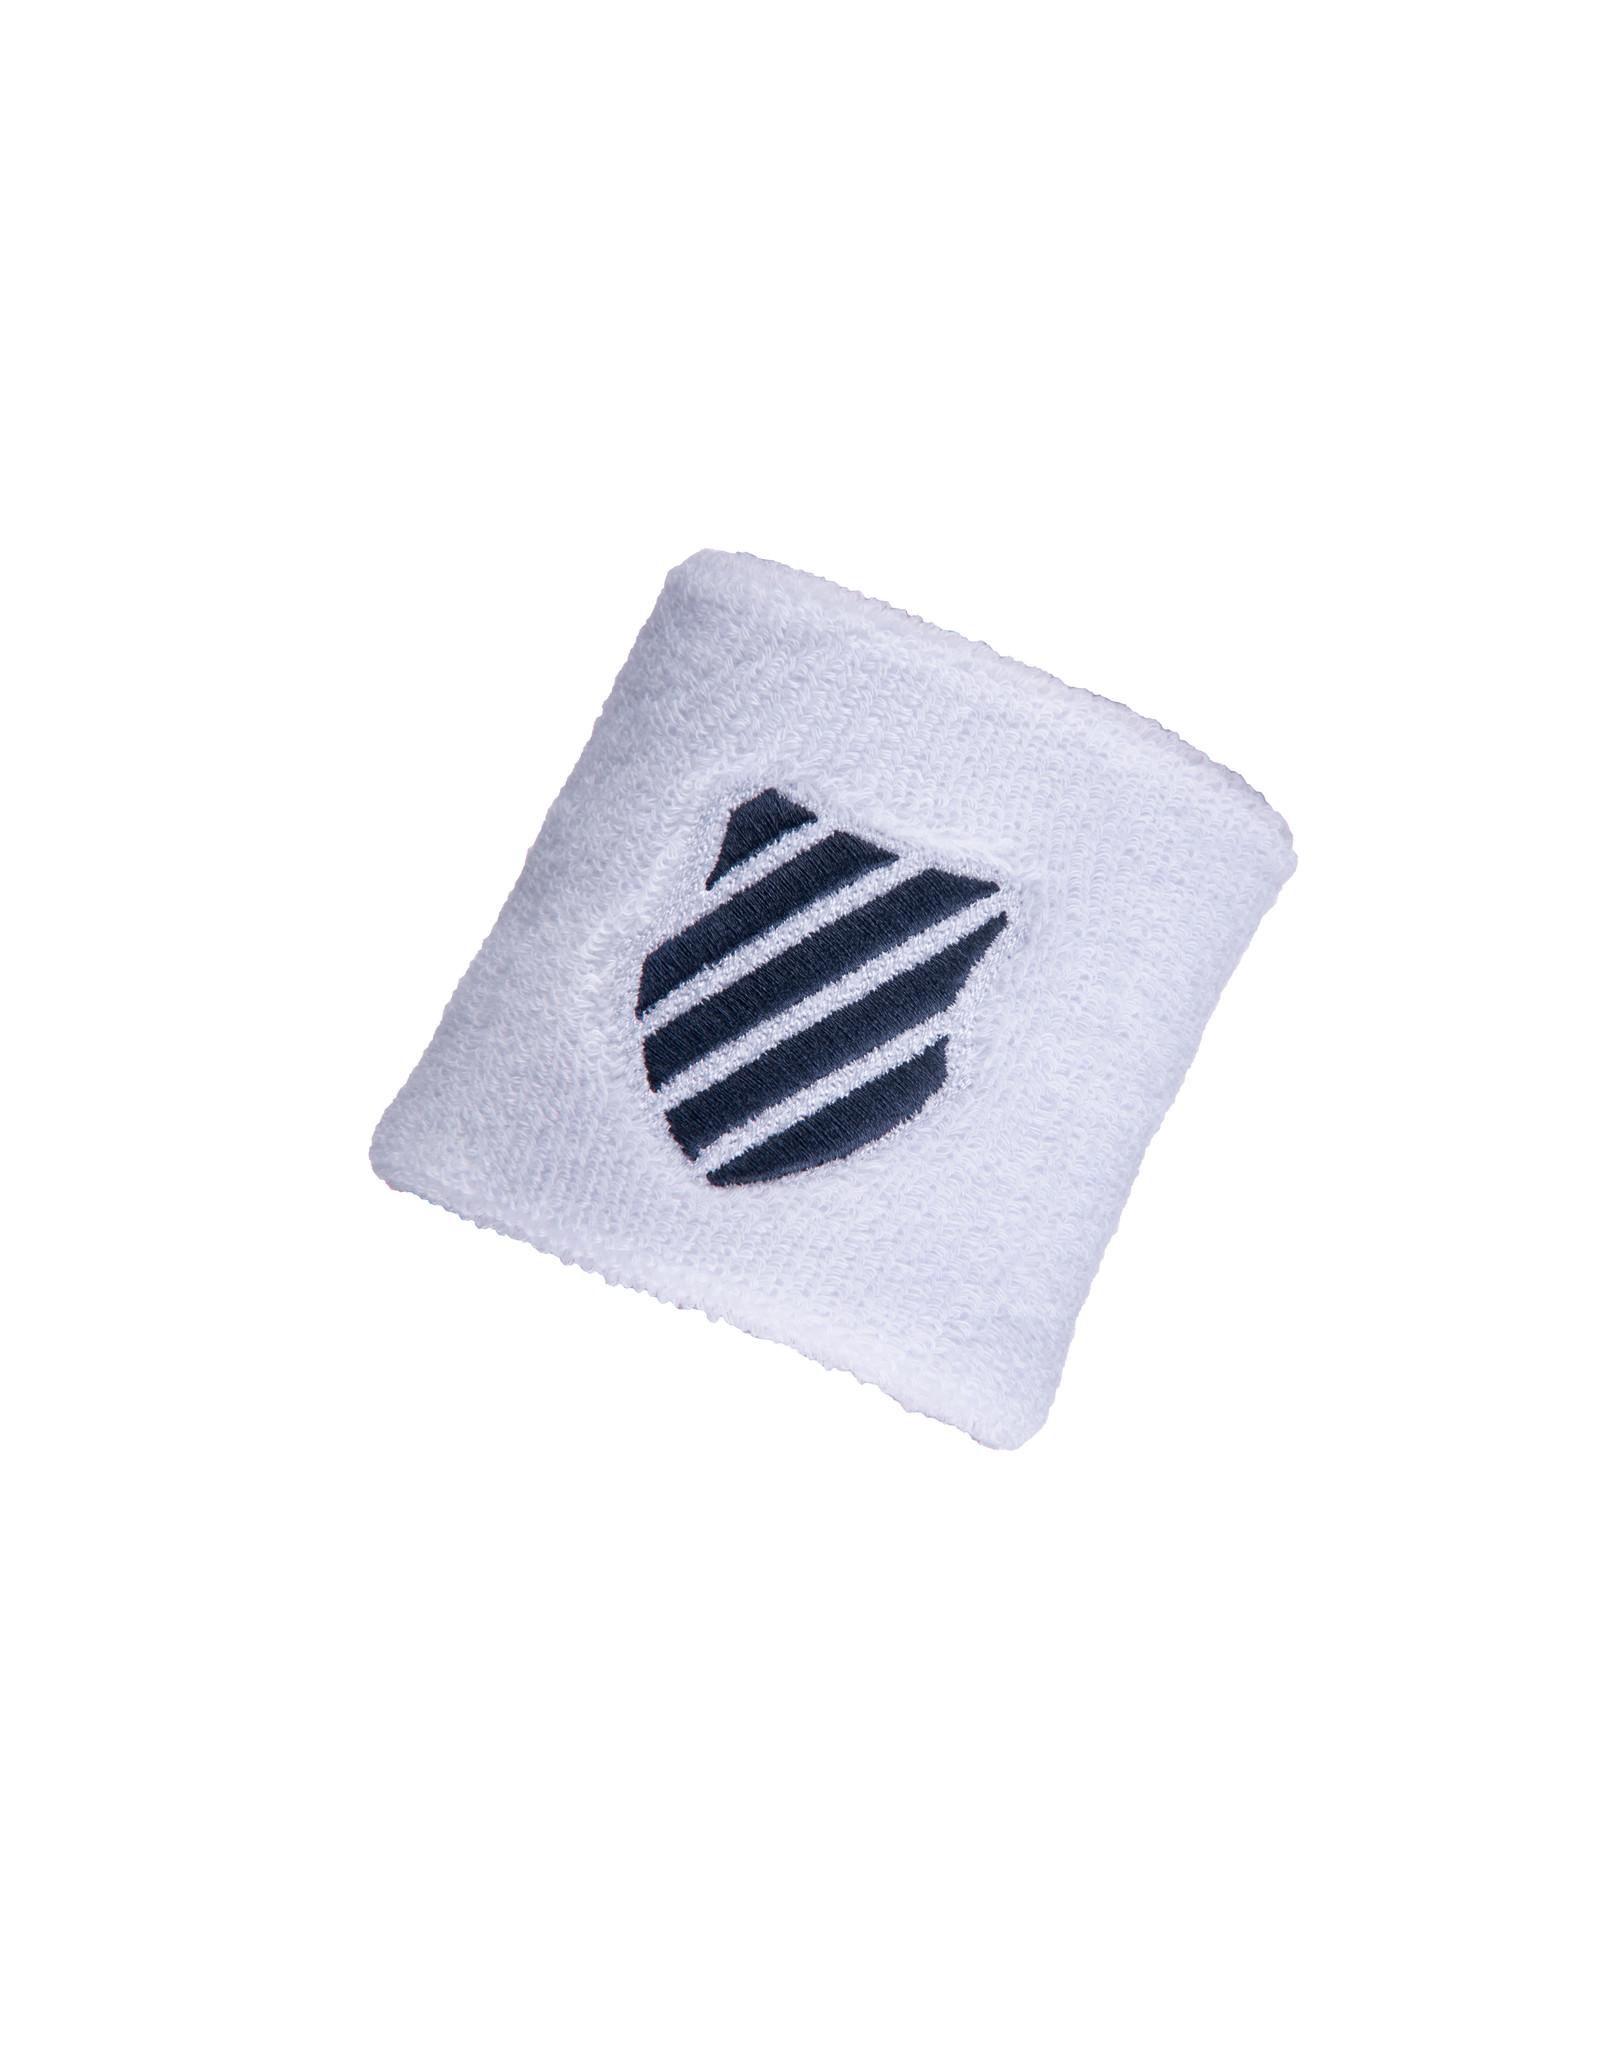 K-swiss UNISEX-KS AC 2 PACK WRISTBAND WHITE/BRUNNER BLUE